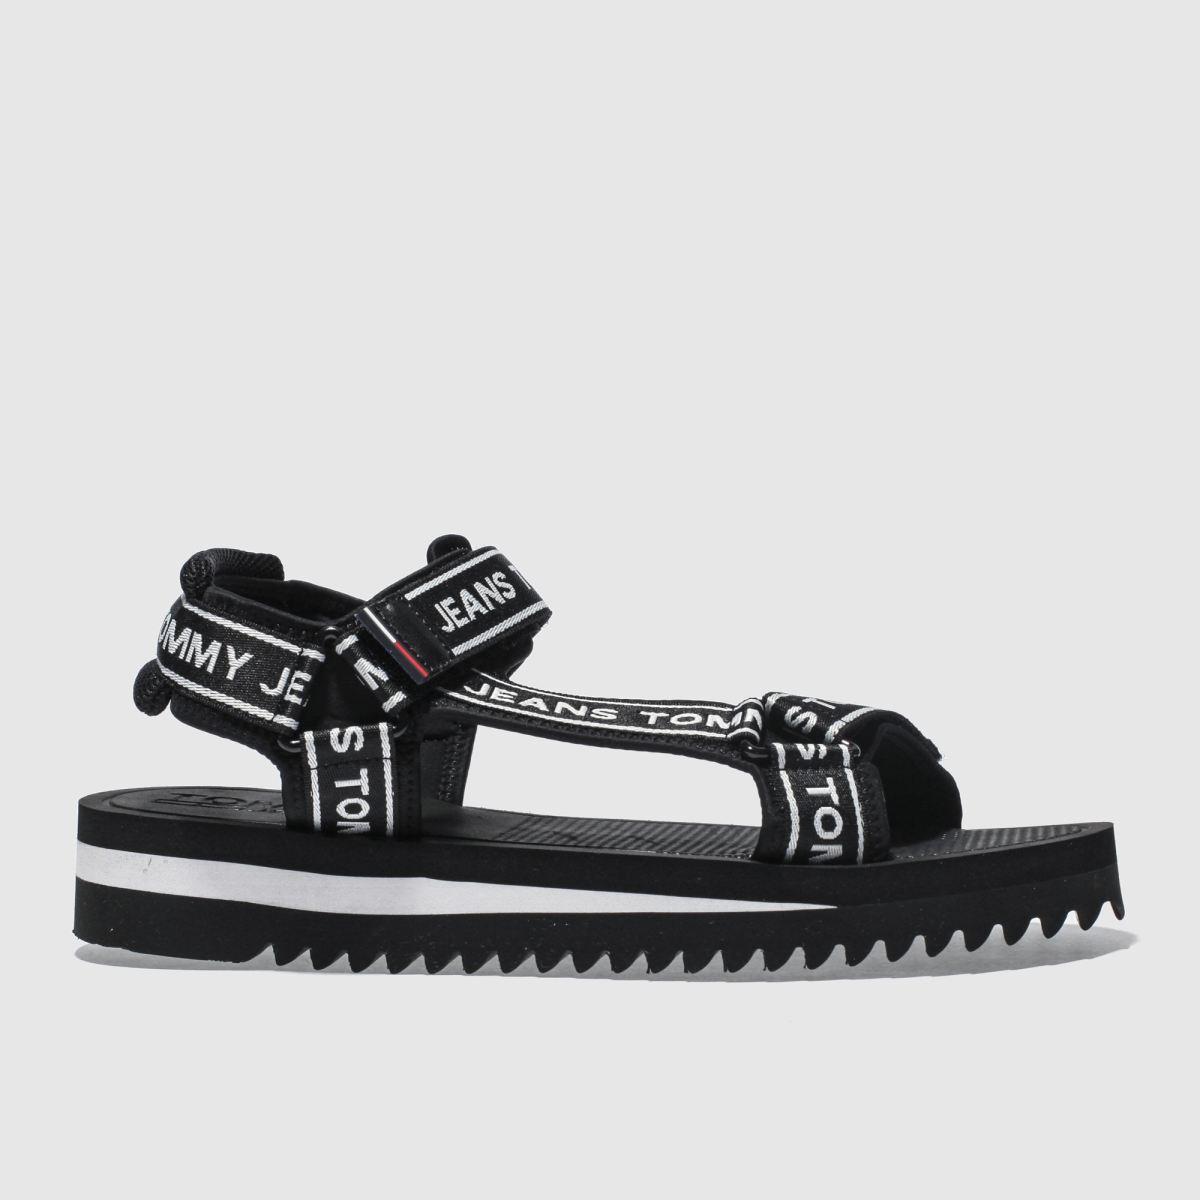 Tommy Hilfiger Tommy Hilfiger Black & White Tj Technical Sandals